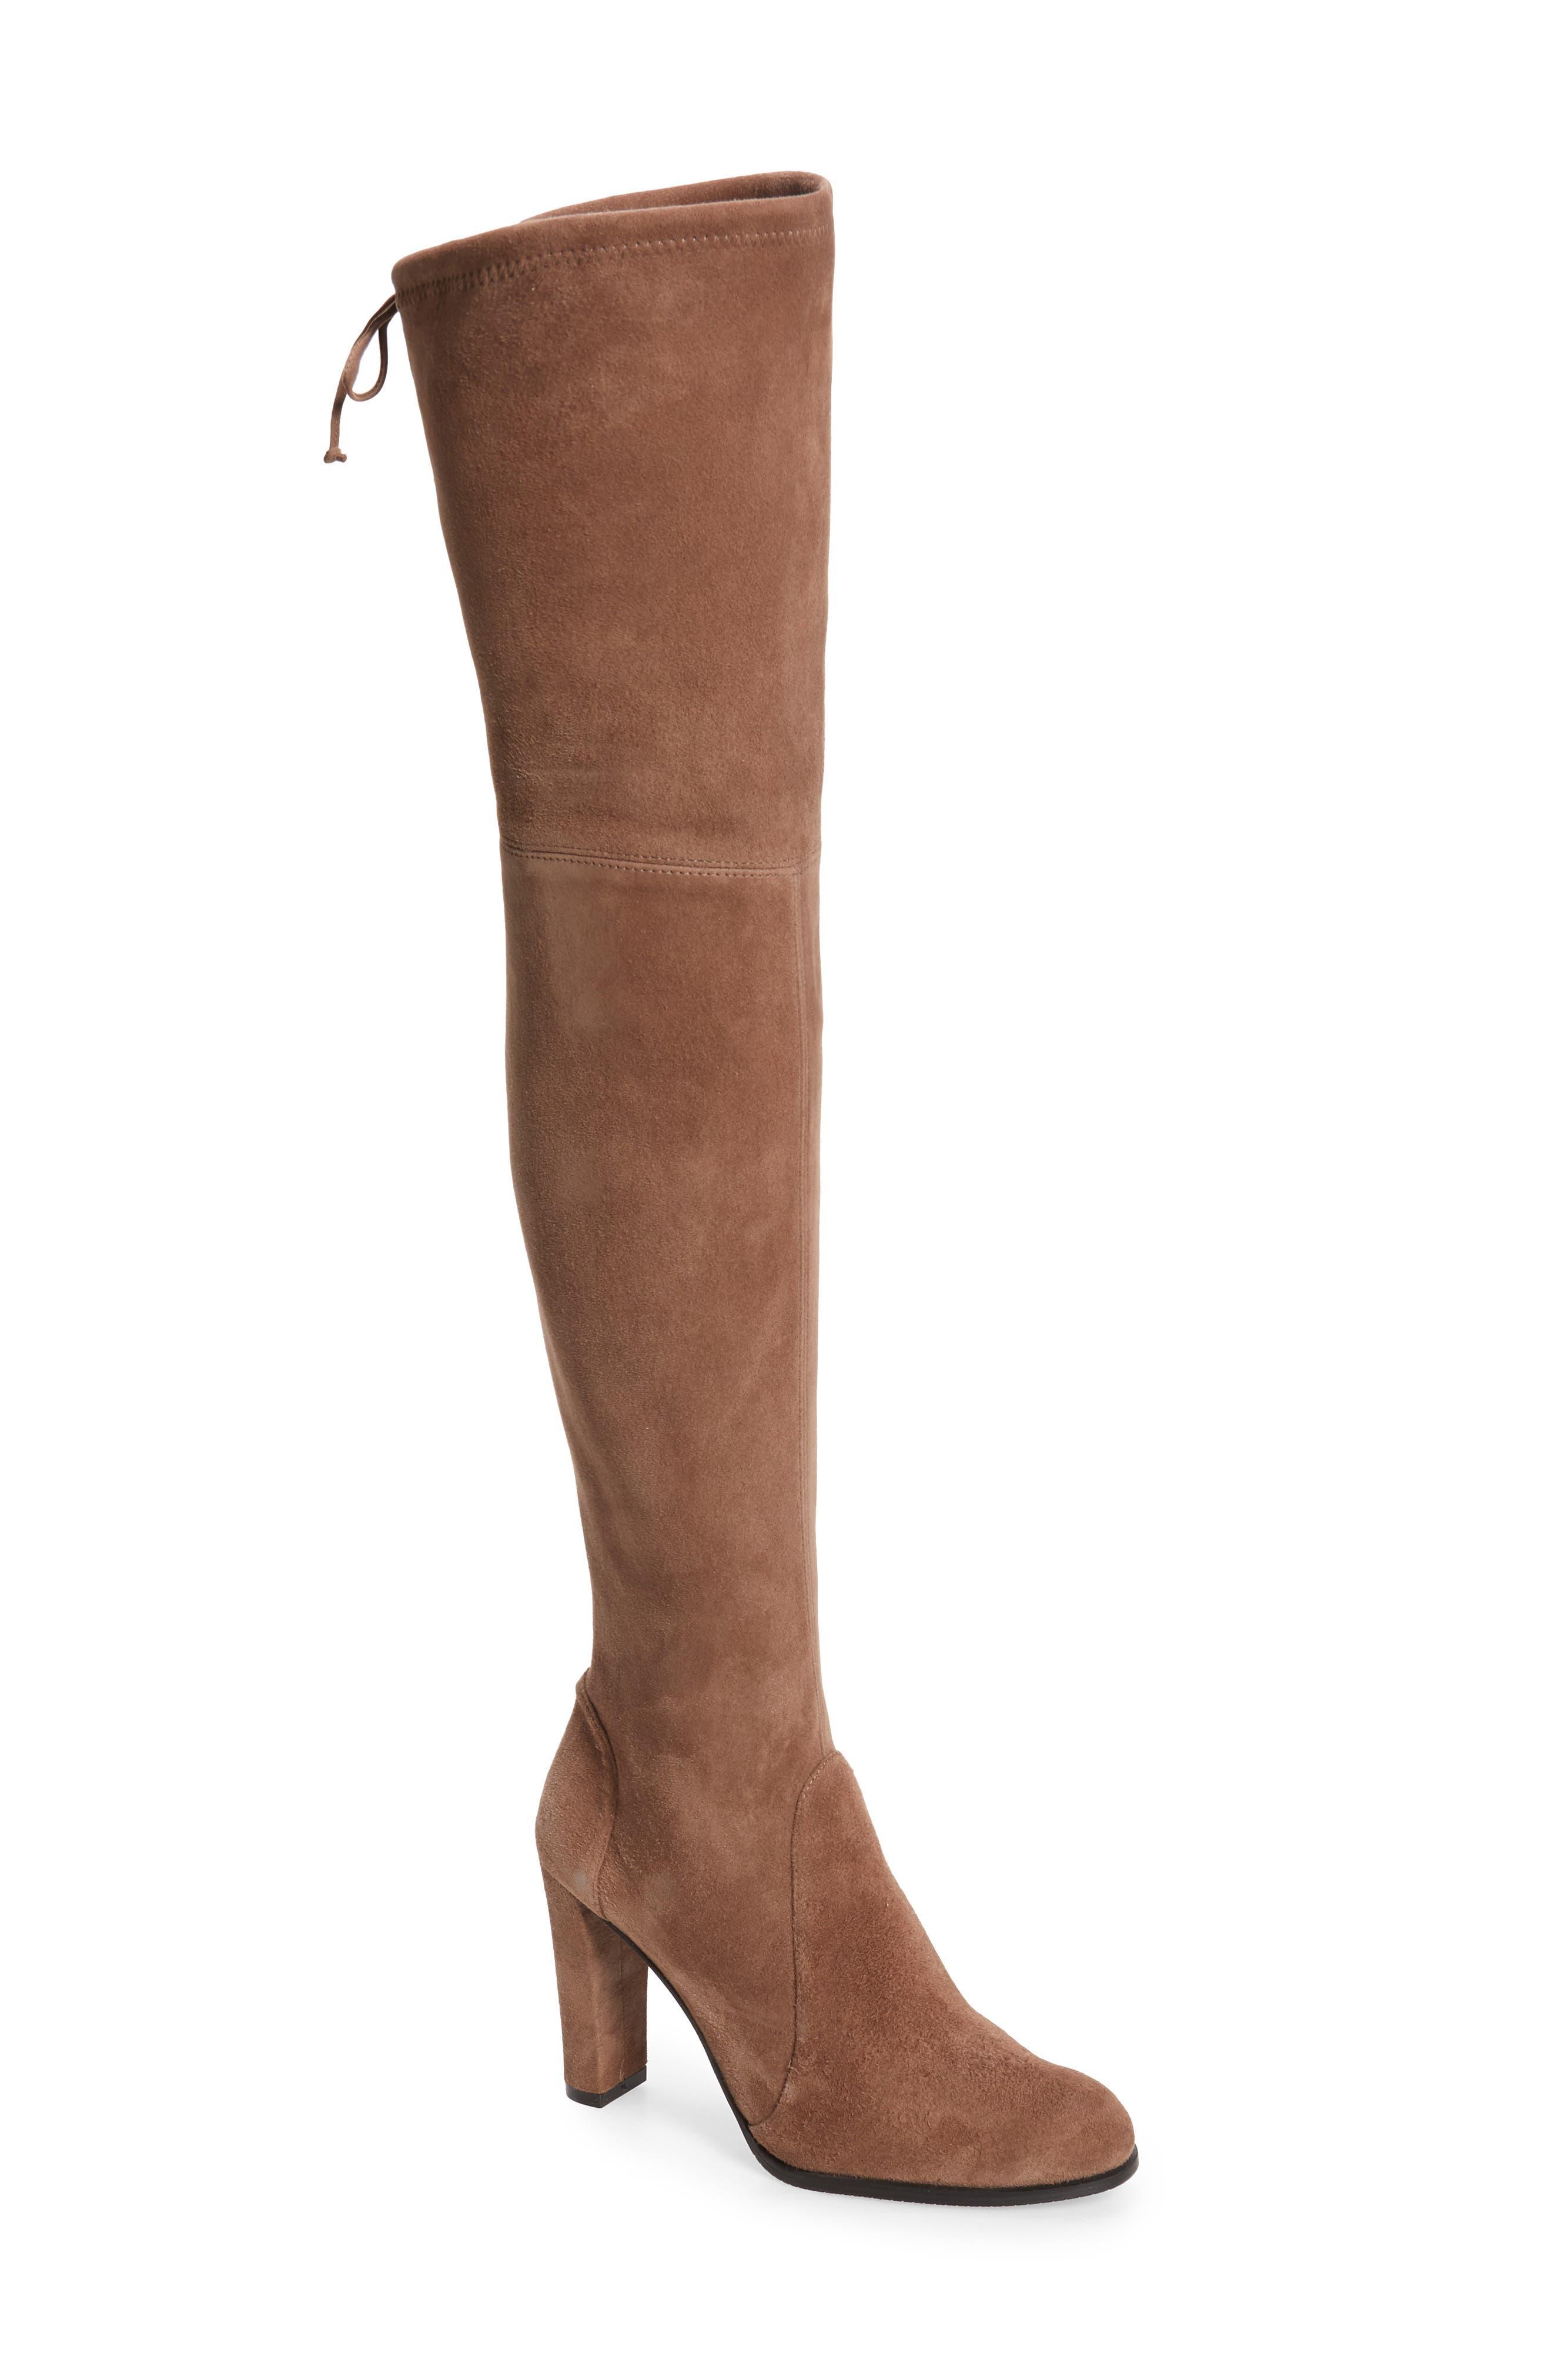 womens dress boots near me